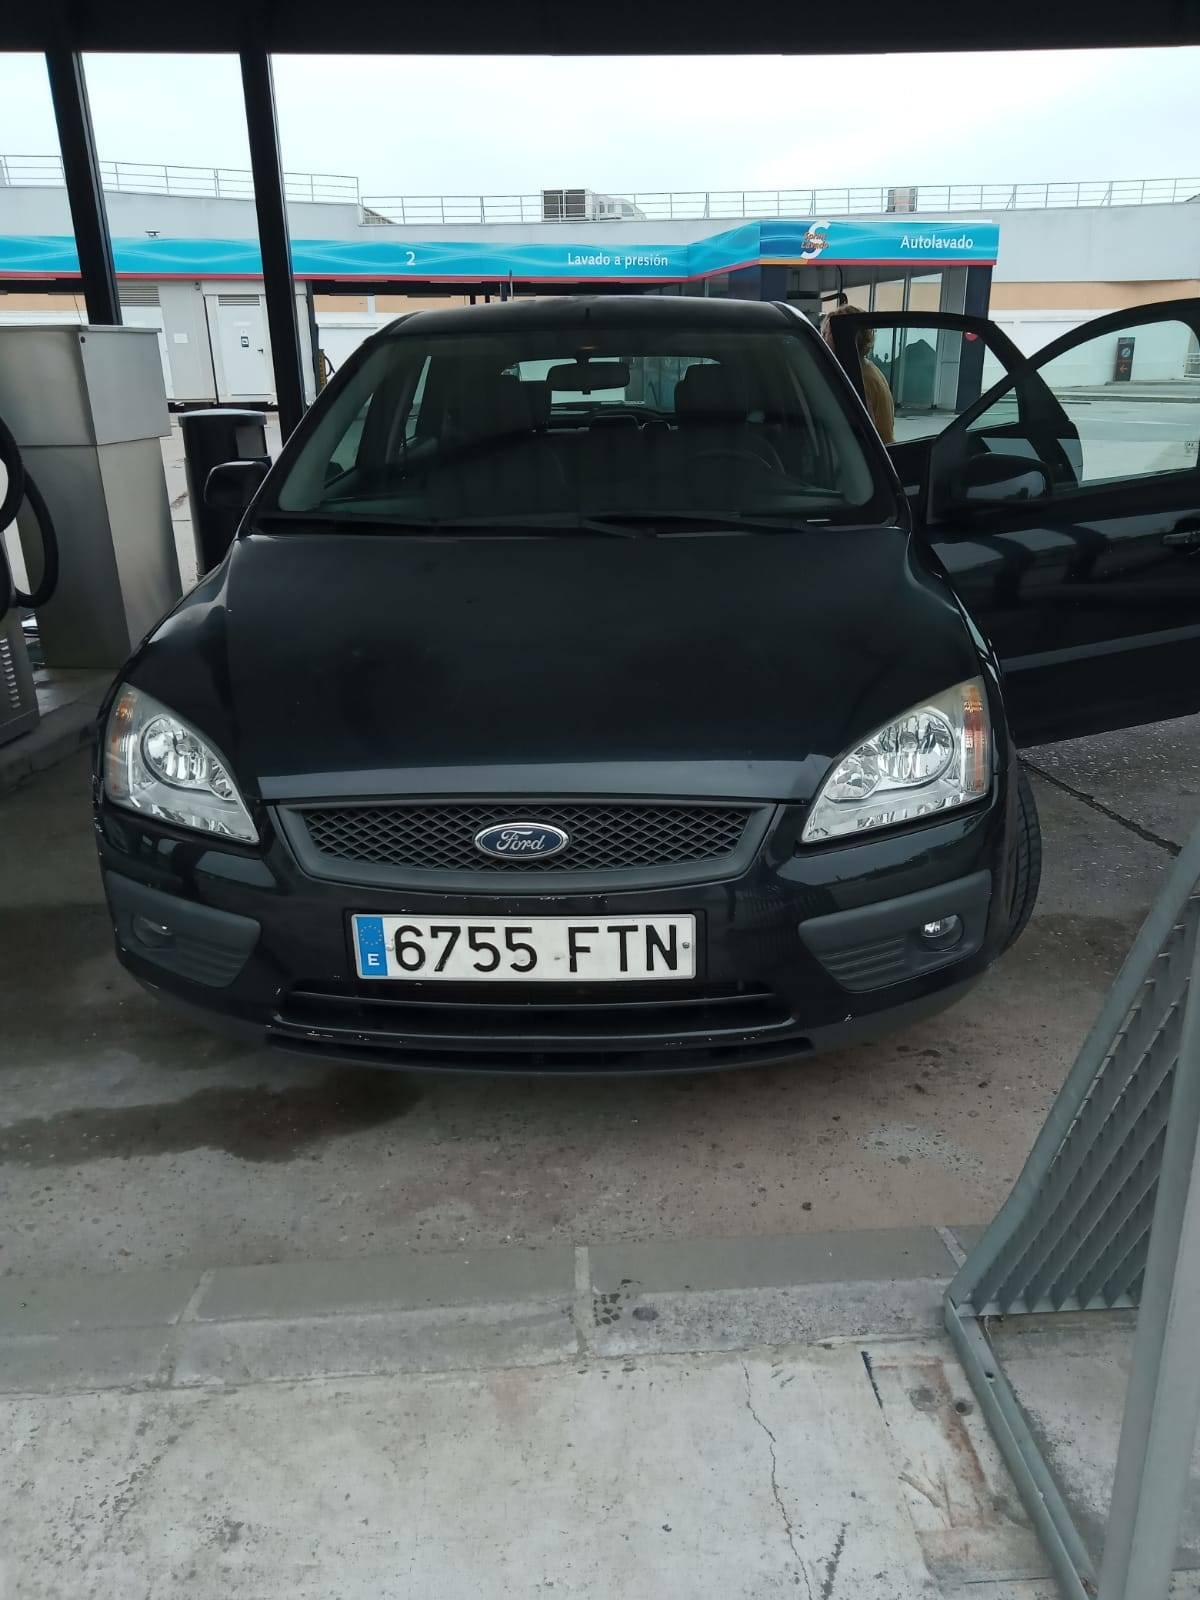 Ford focus 64.000kl  - Foto 1